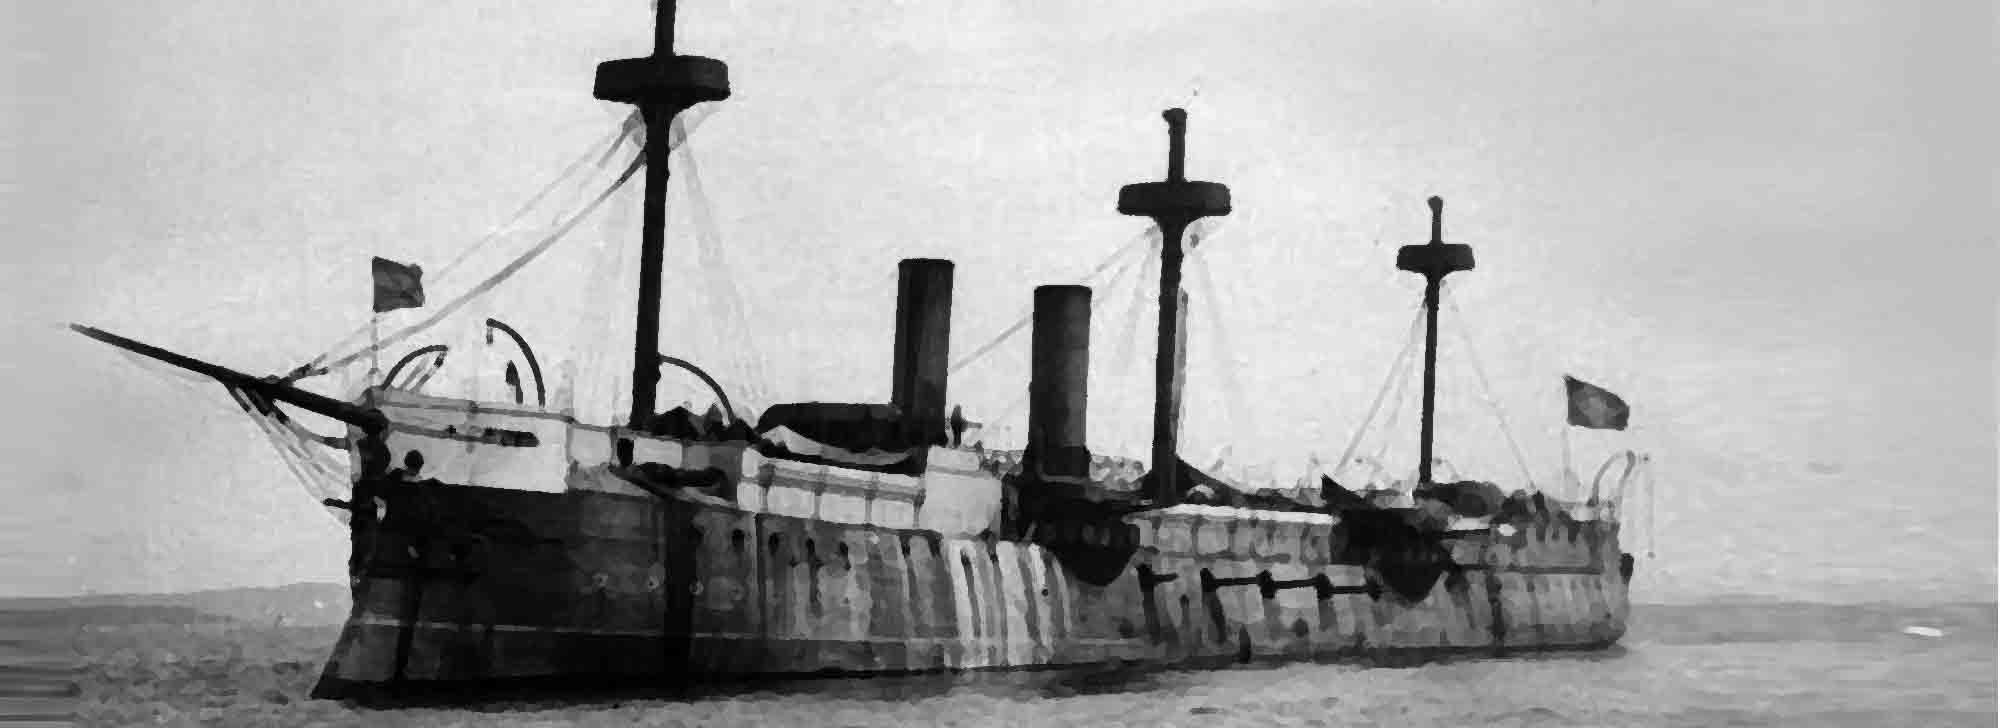 Almirante Tamandaré (1890)